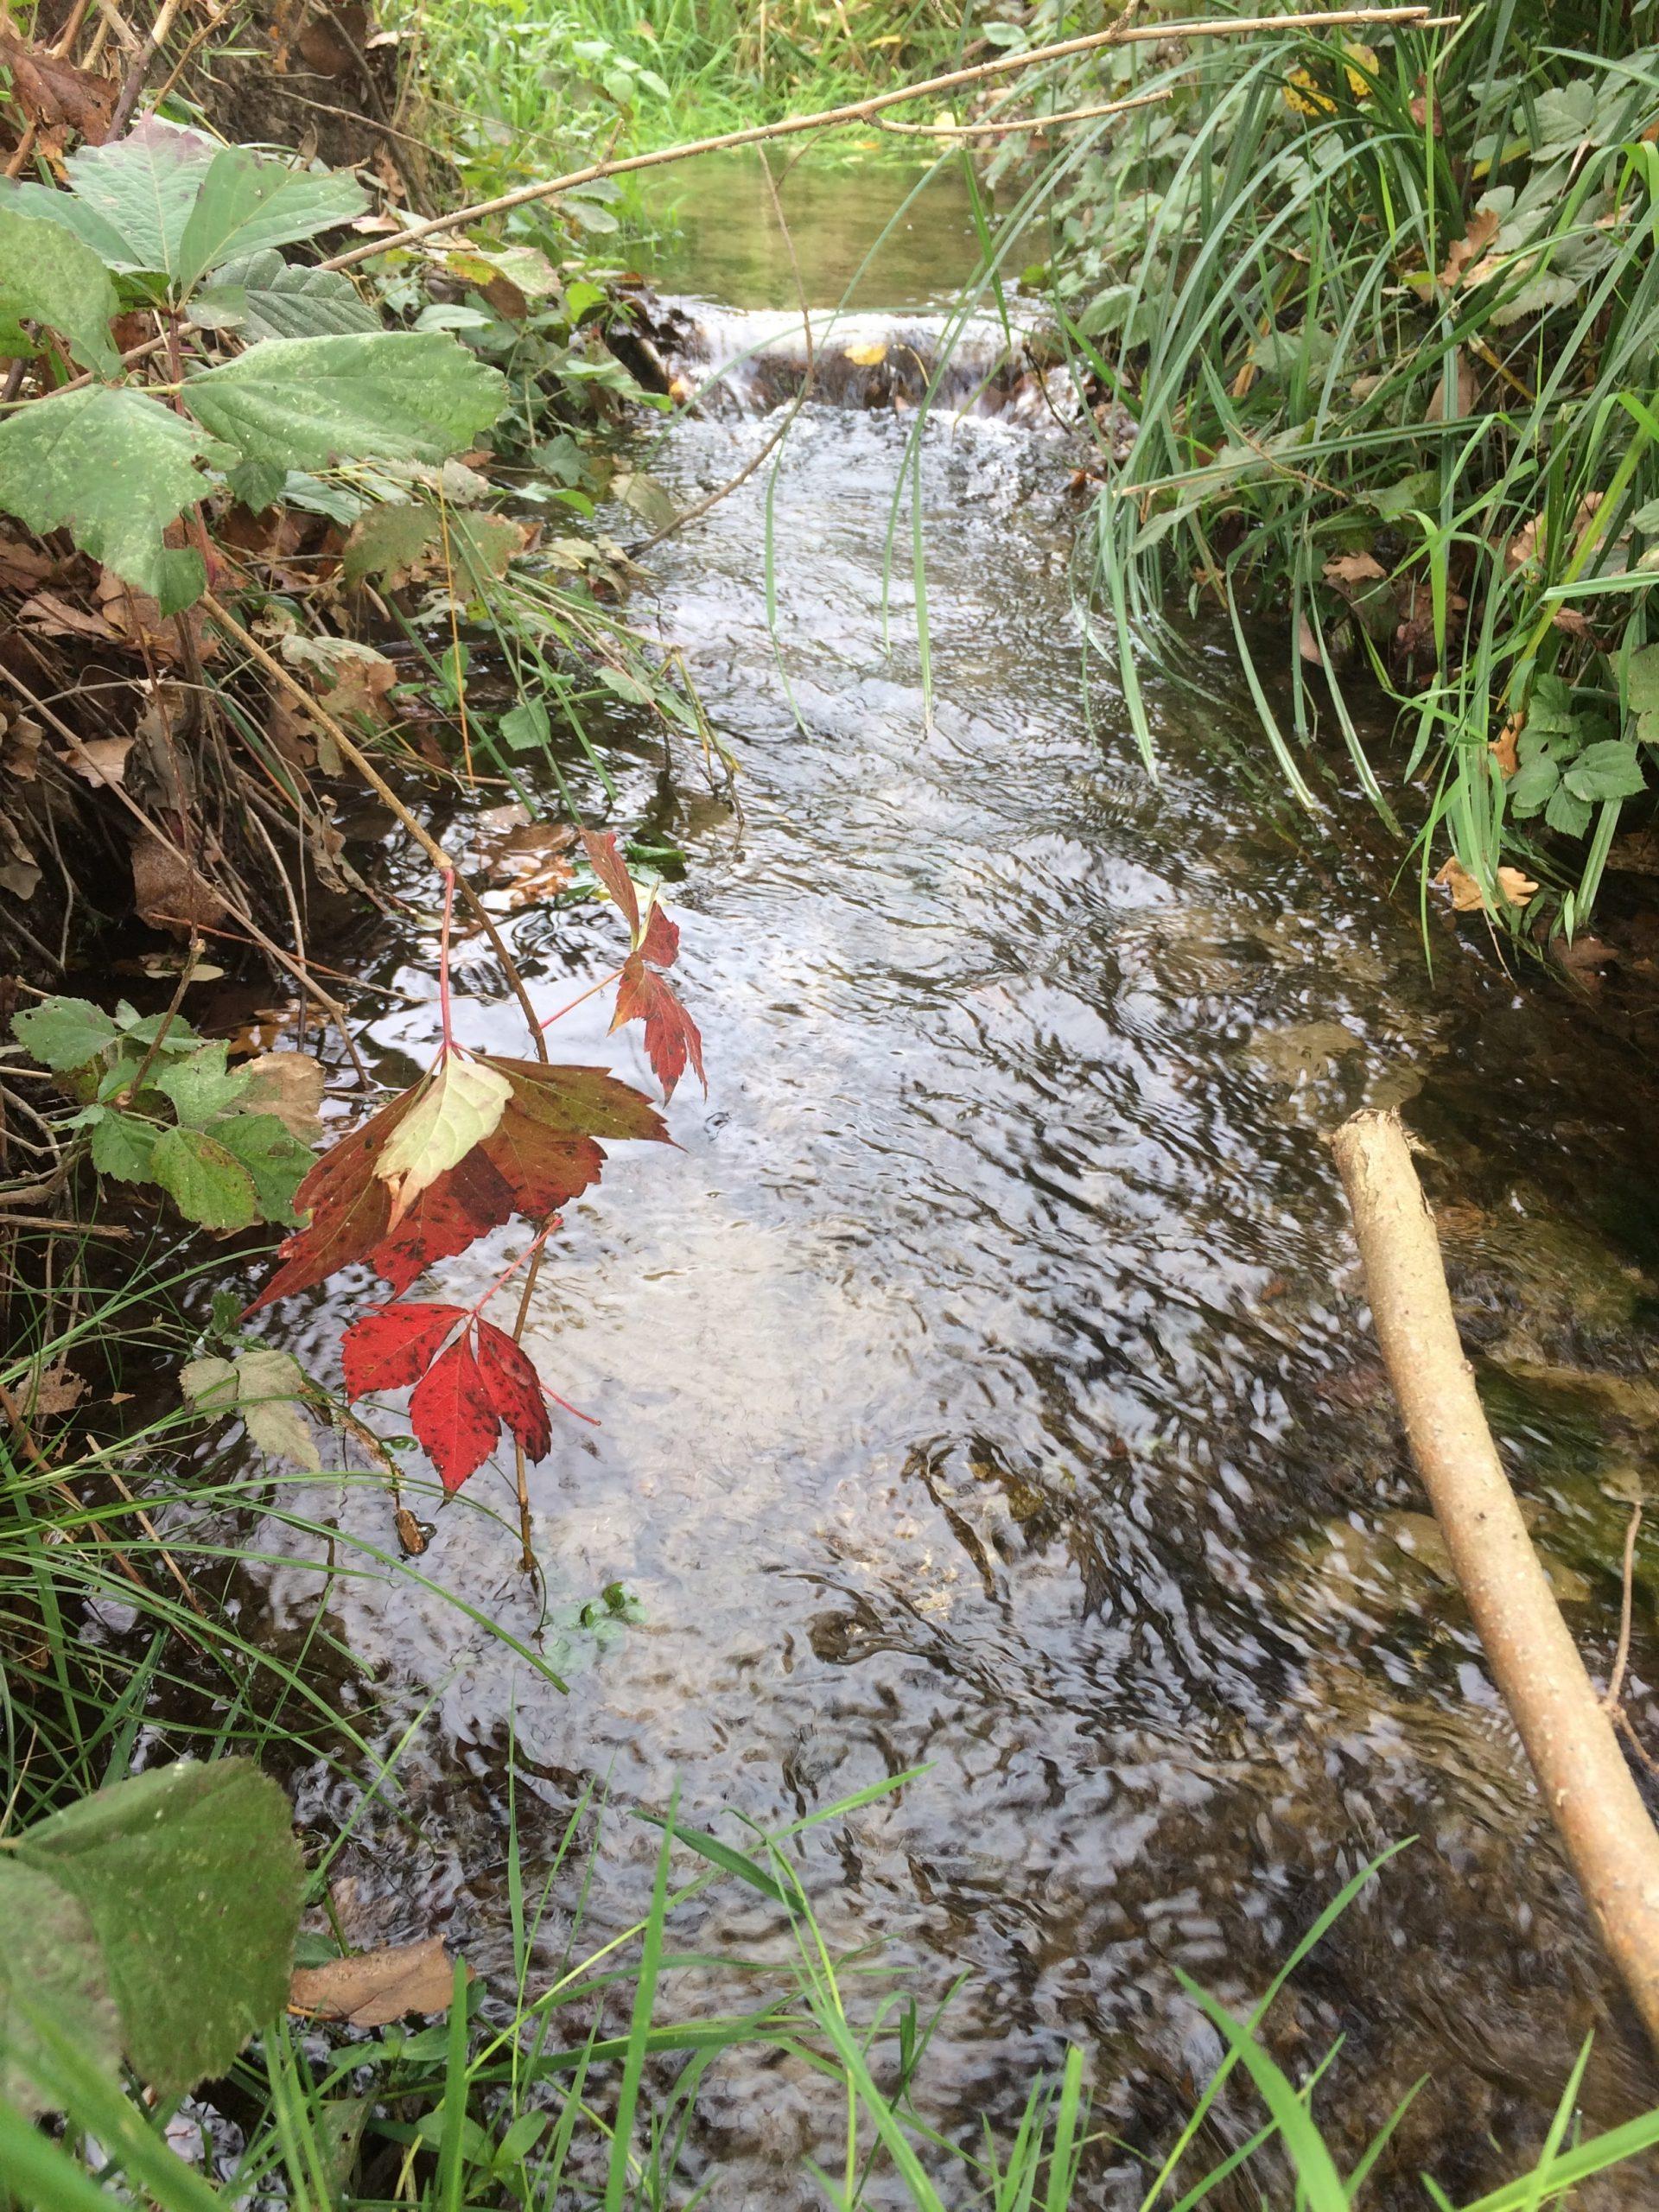 Un acquario a corrente: Aquarello – Acquario Ruscello – Ruscello bonsai – Streaming Wabikusa.